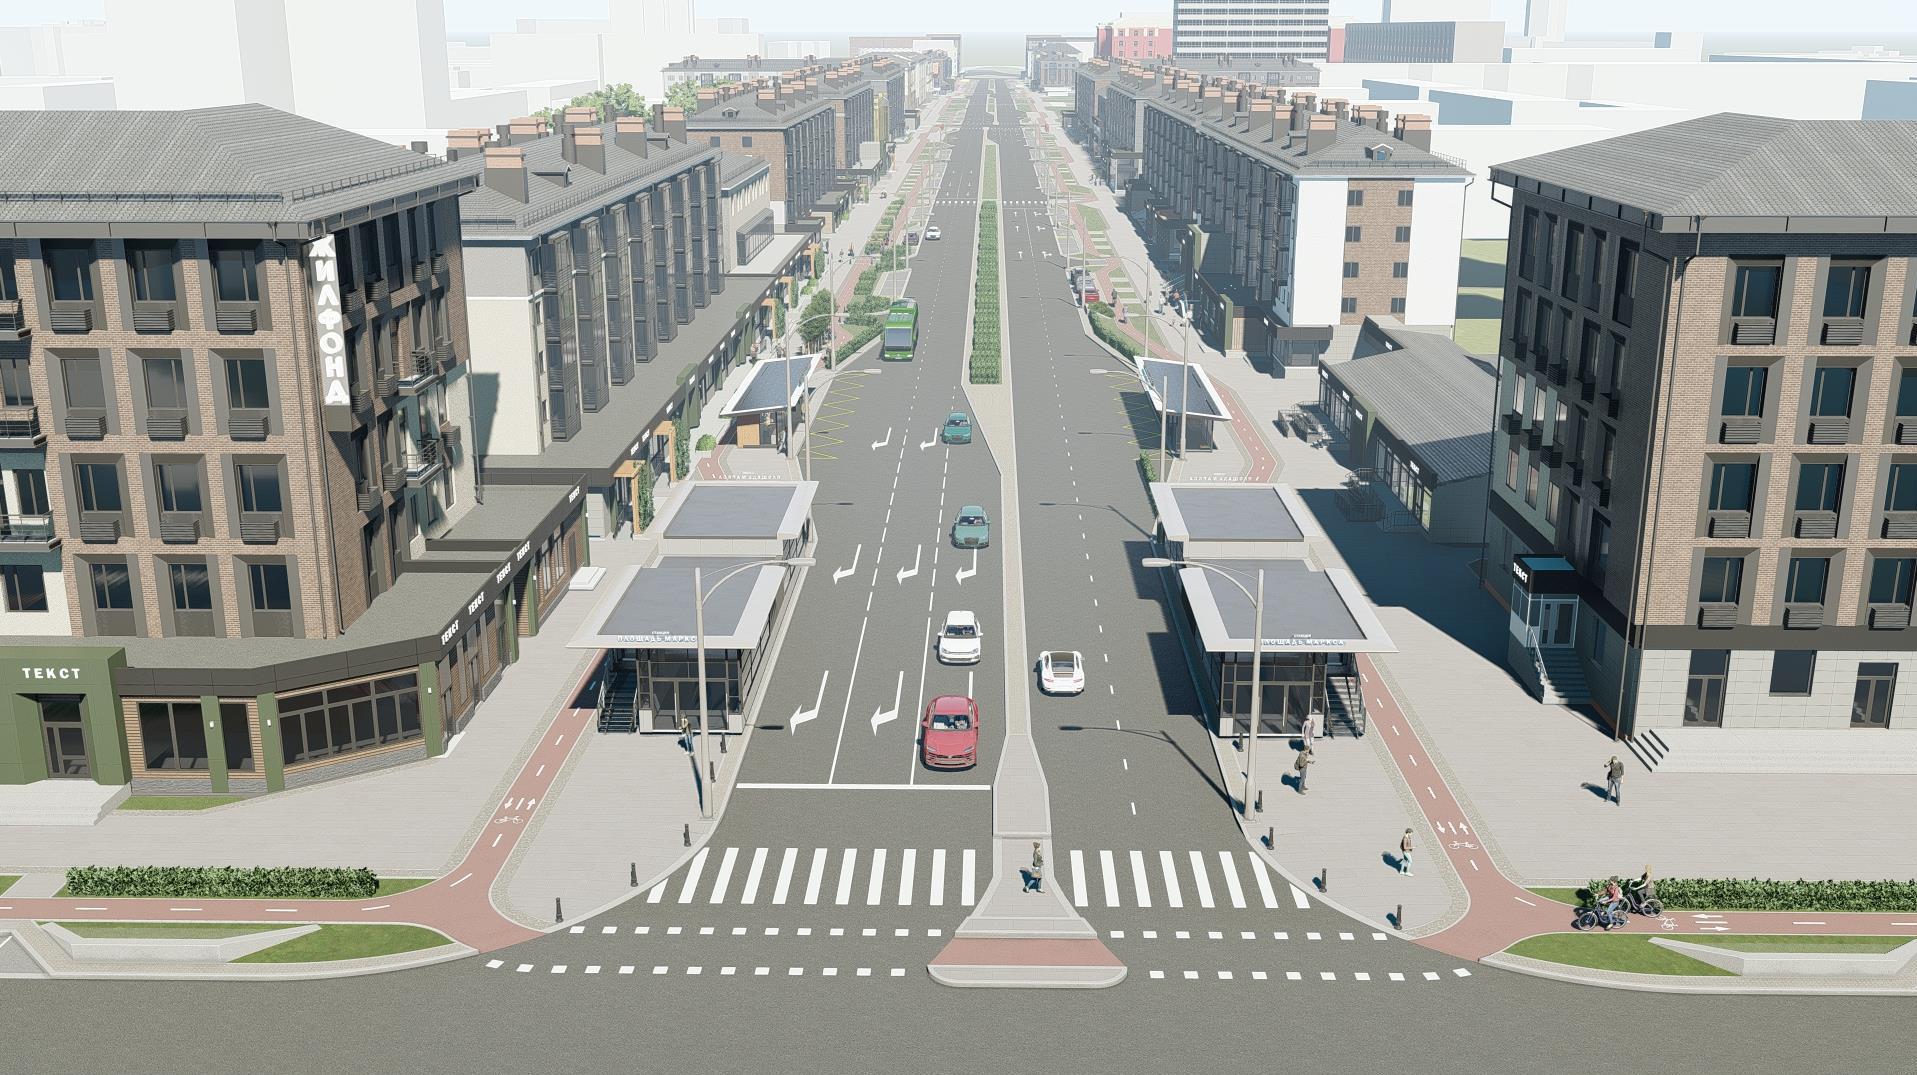 Так в концепции к 2023 году должен выглядеть проспект Карла Маркса: в едином стиле фасадов, без визуального мусора и с зеленью вдоль проезжей части и по центру